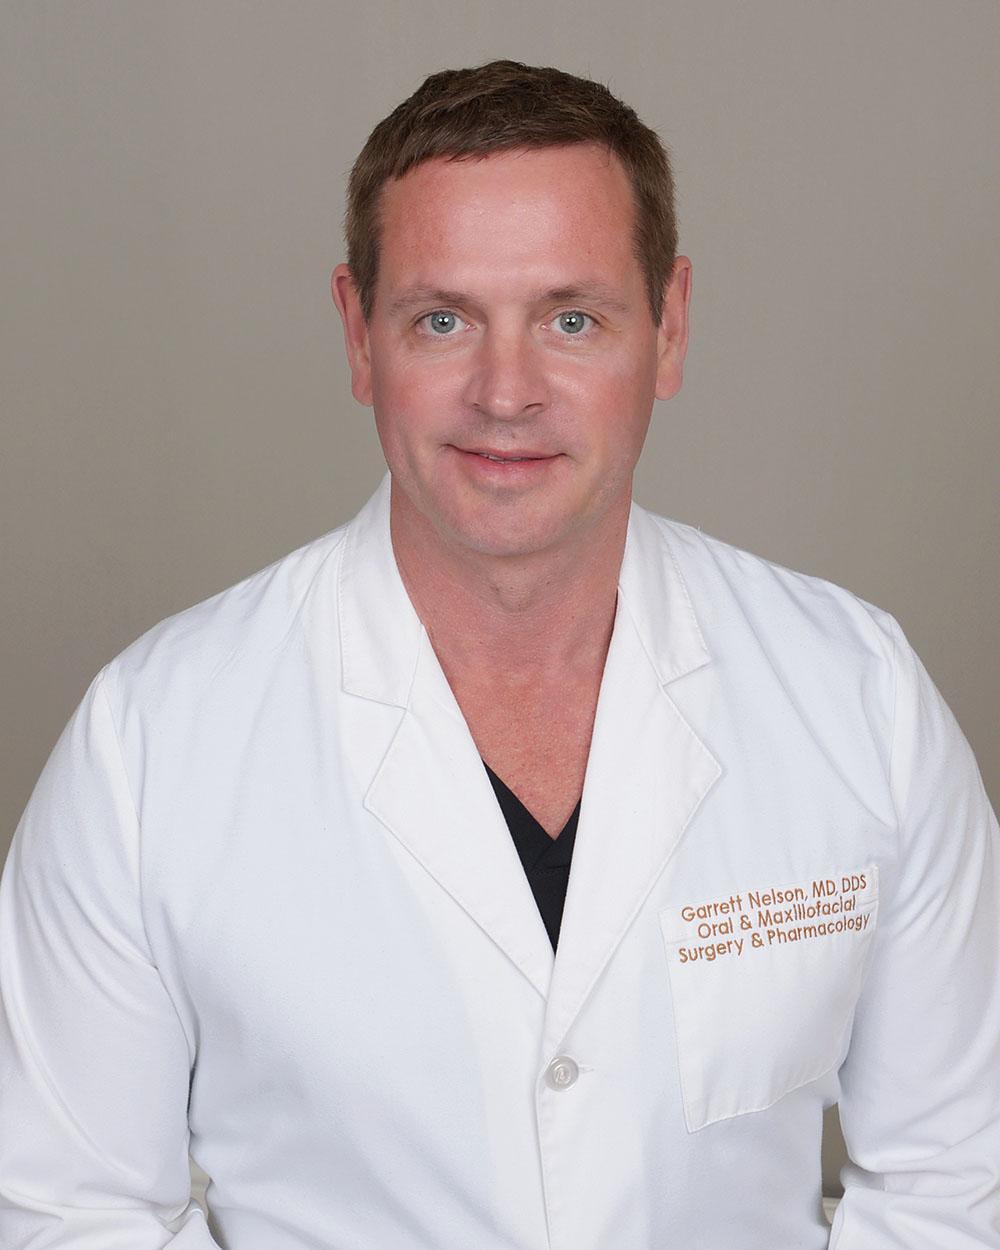 Profile Photo of Dr. Garrett Nelson - None